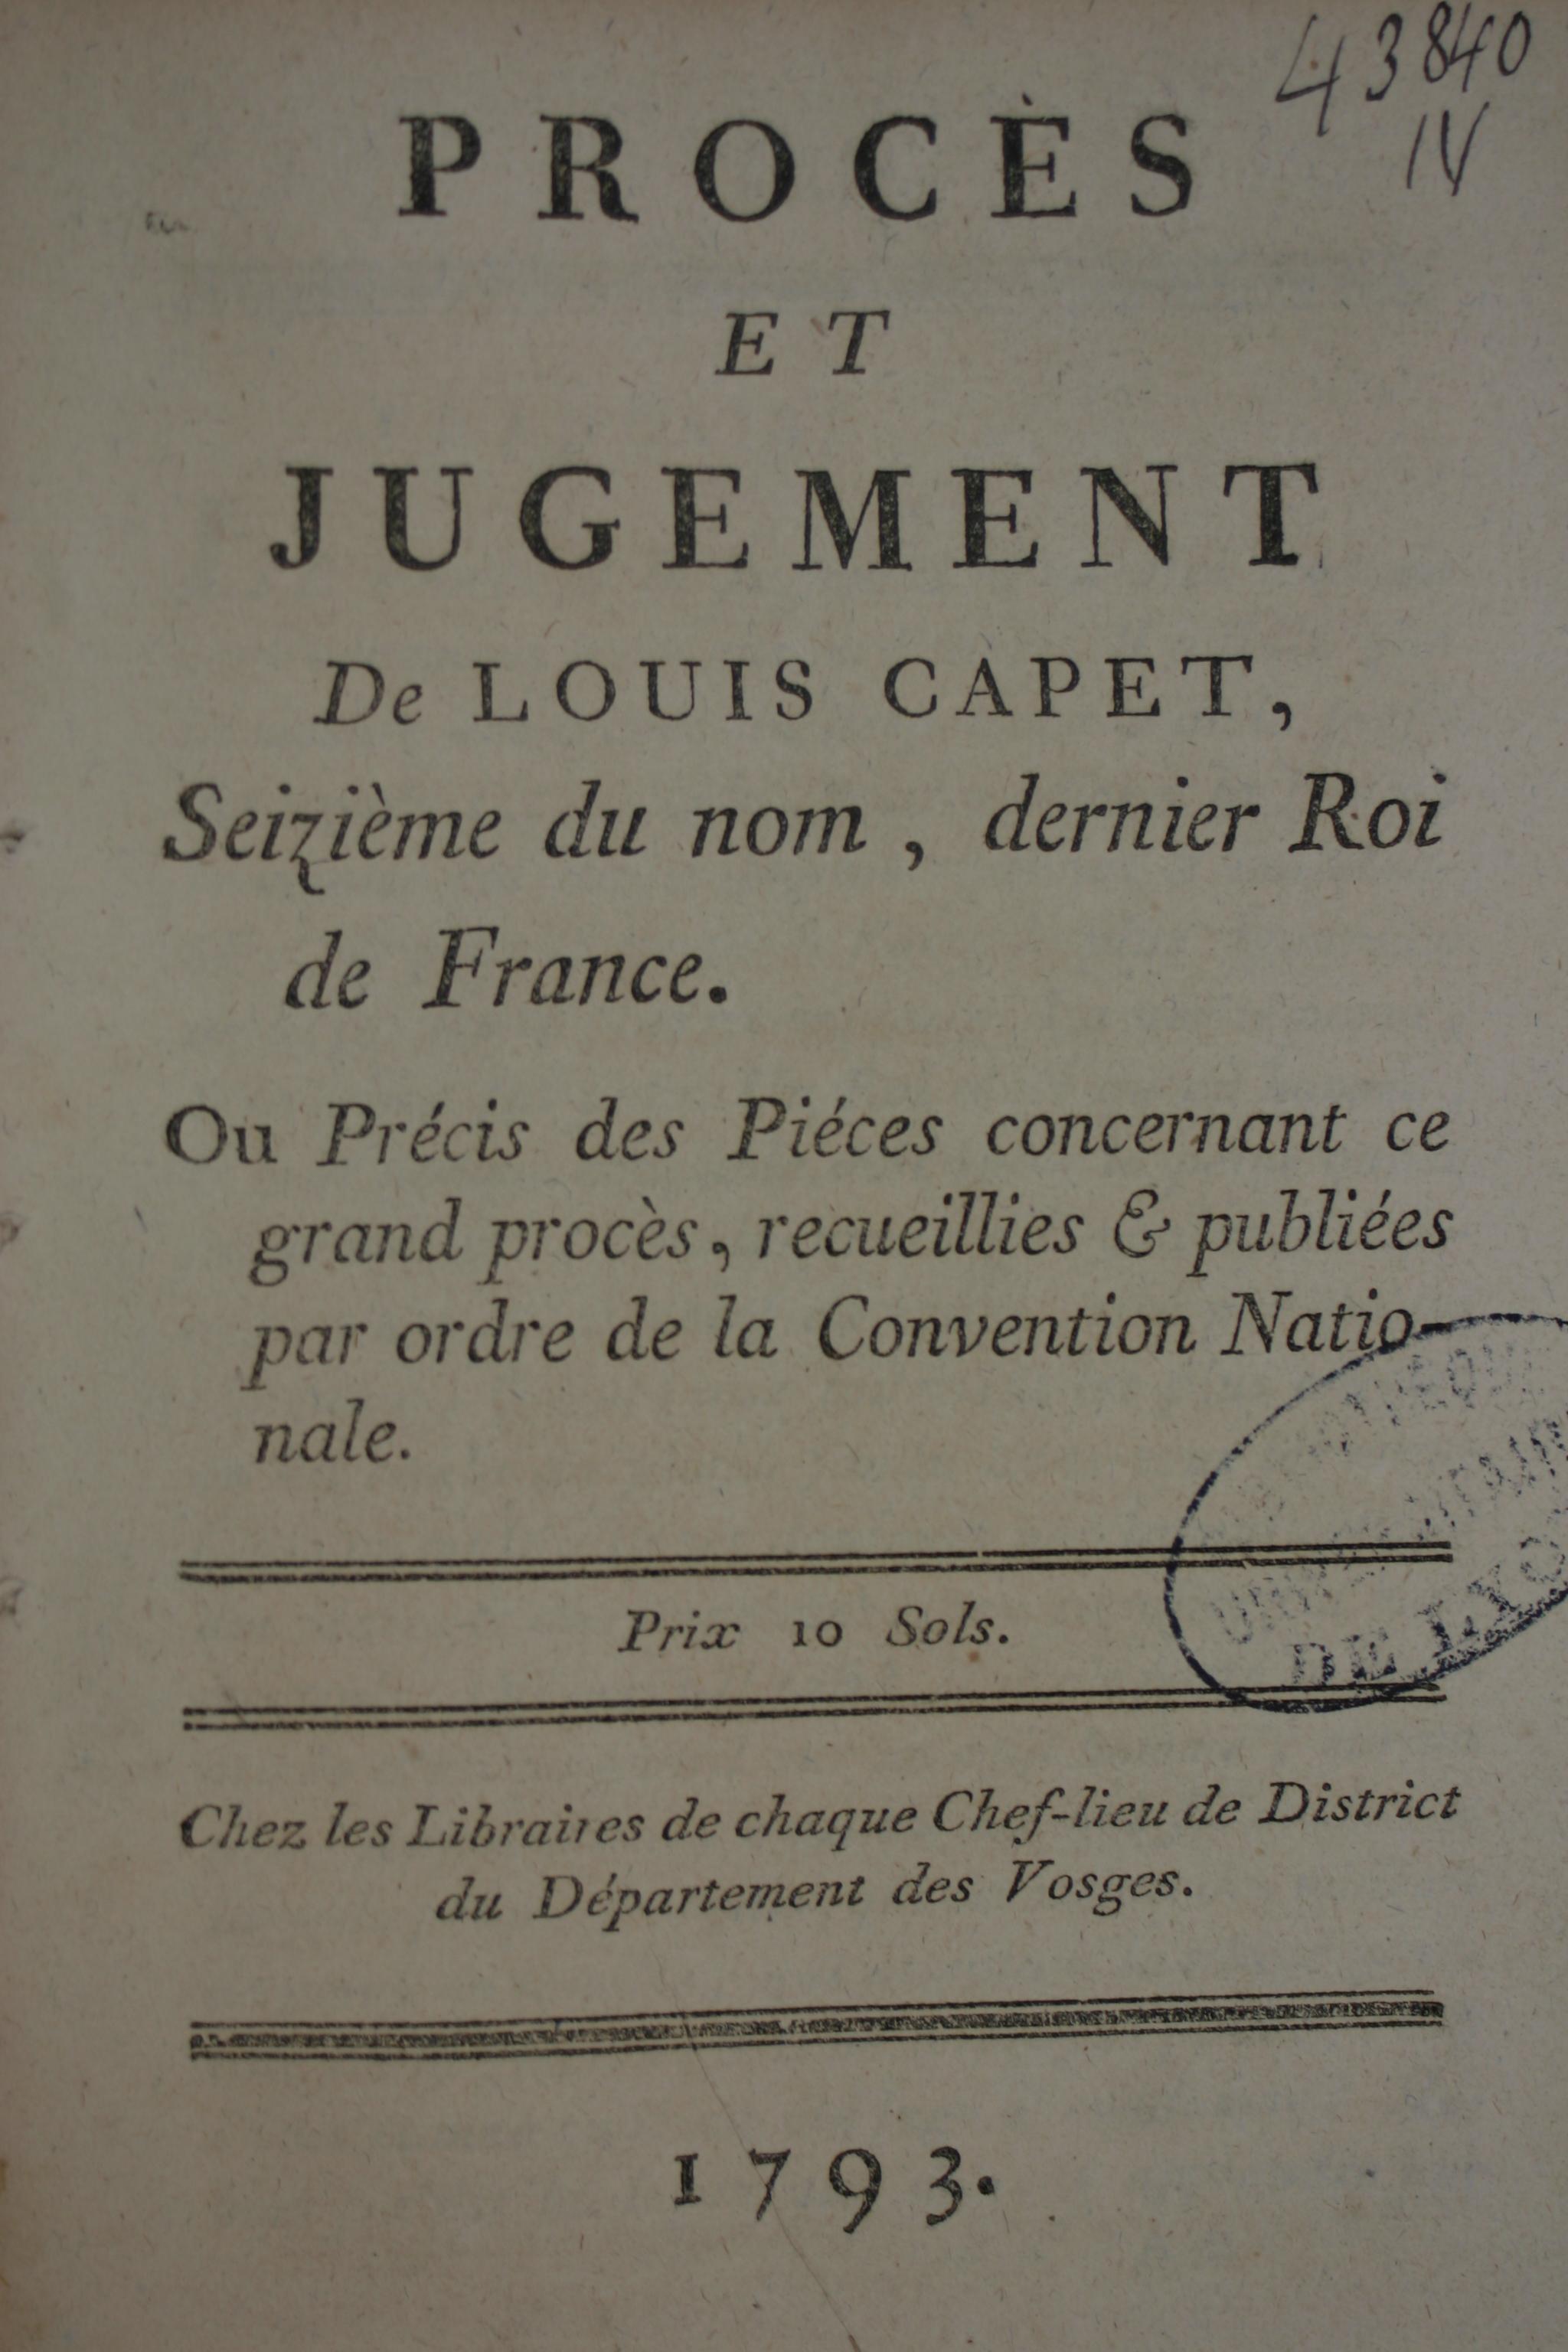 Procès et jugement de Louis Capet ou Précis des pièces concernant ce grand procès… Cote BIU Lsh 43 840, pièce IV